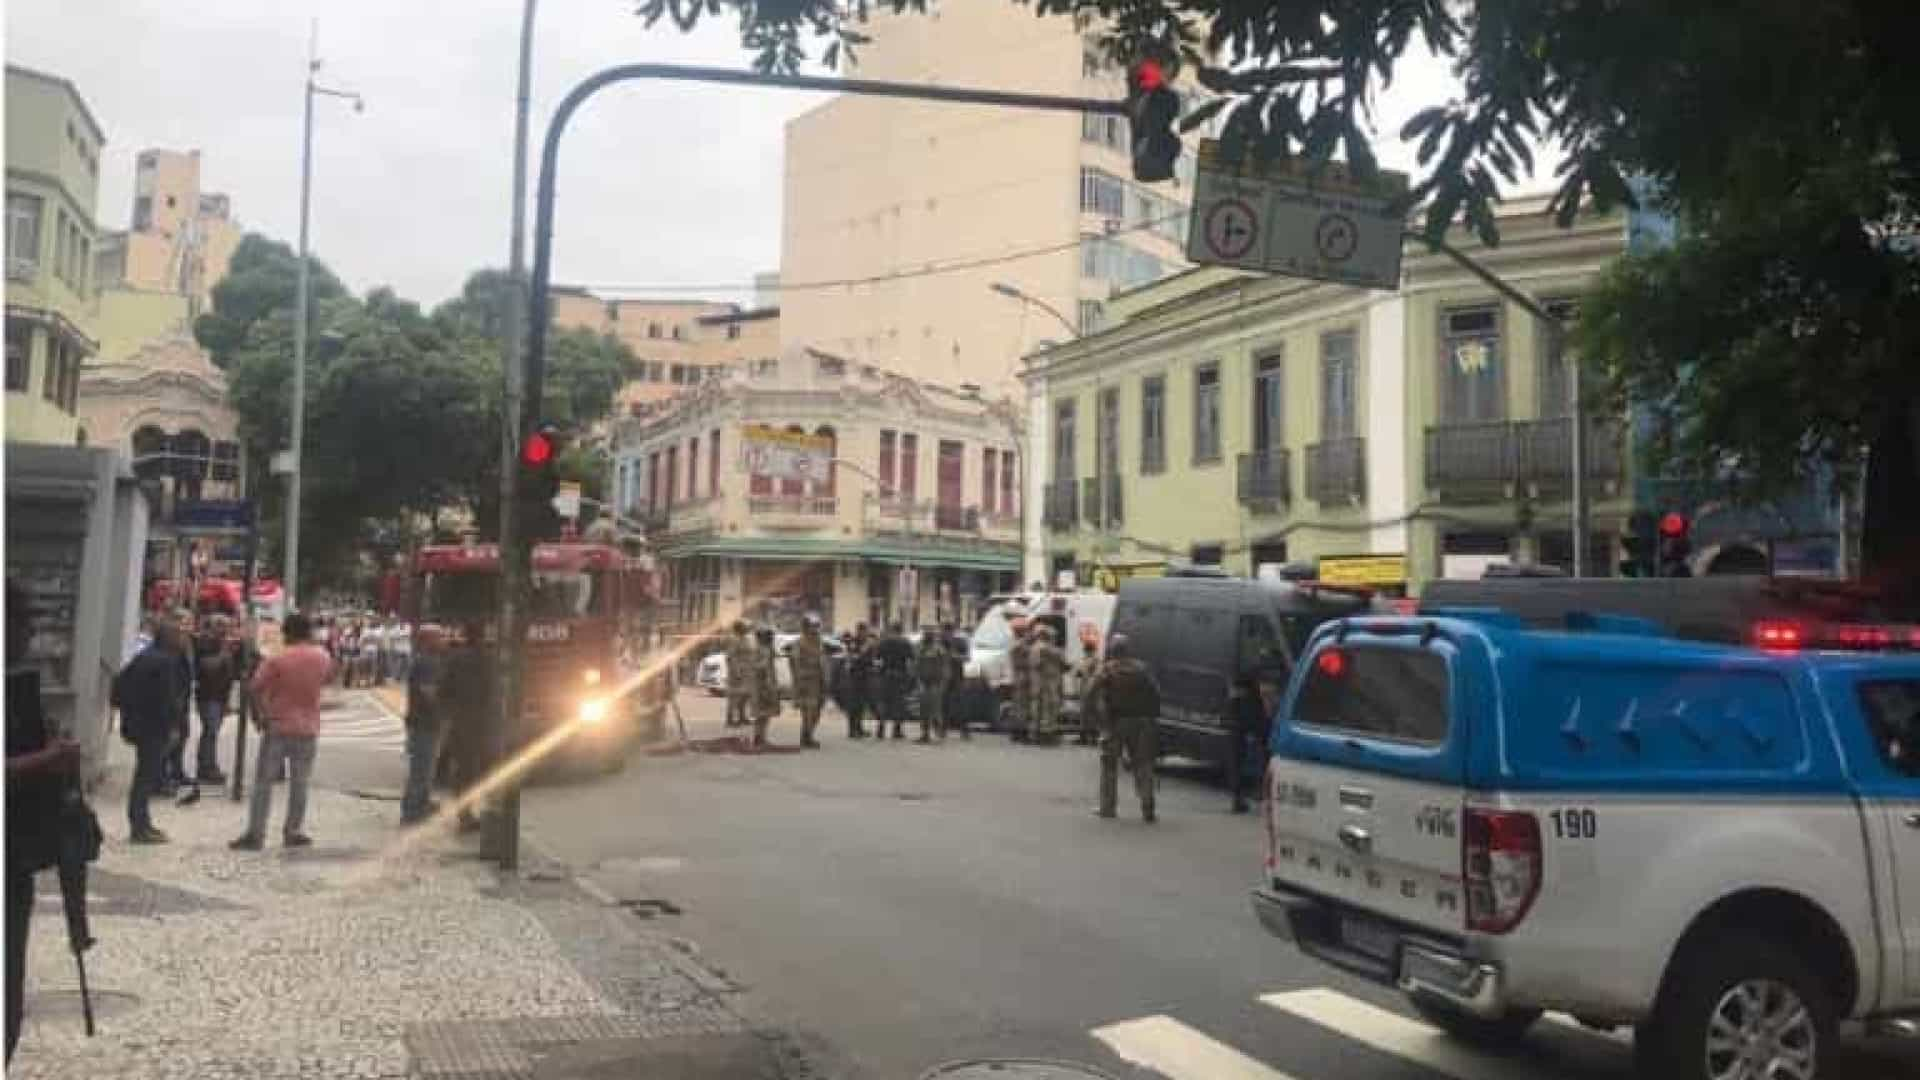 Sequestro no Rio: homem mantém quatro reféns em bar na Lapa